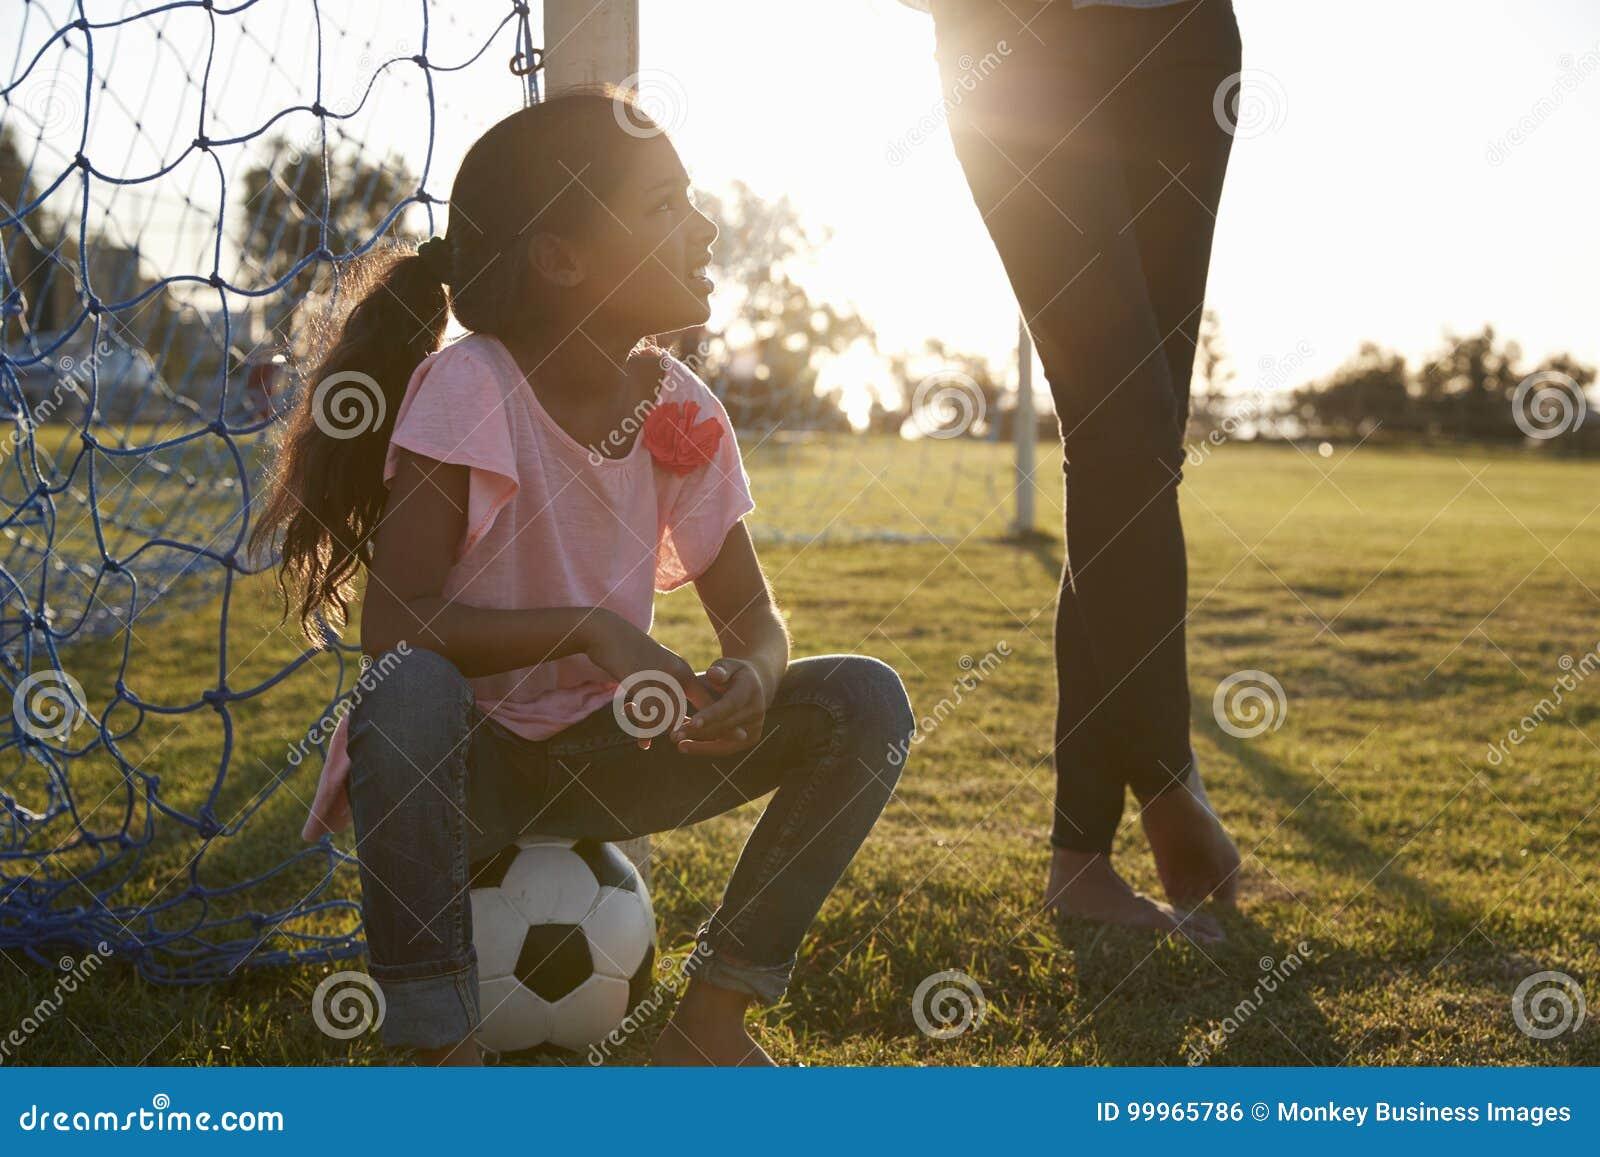 A moça senta-se na bola ao lado de seu mum em um passo de futebol